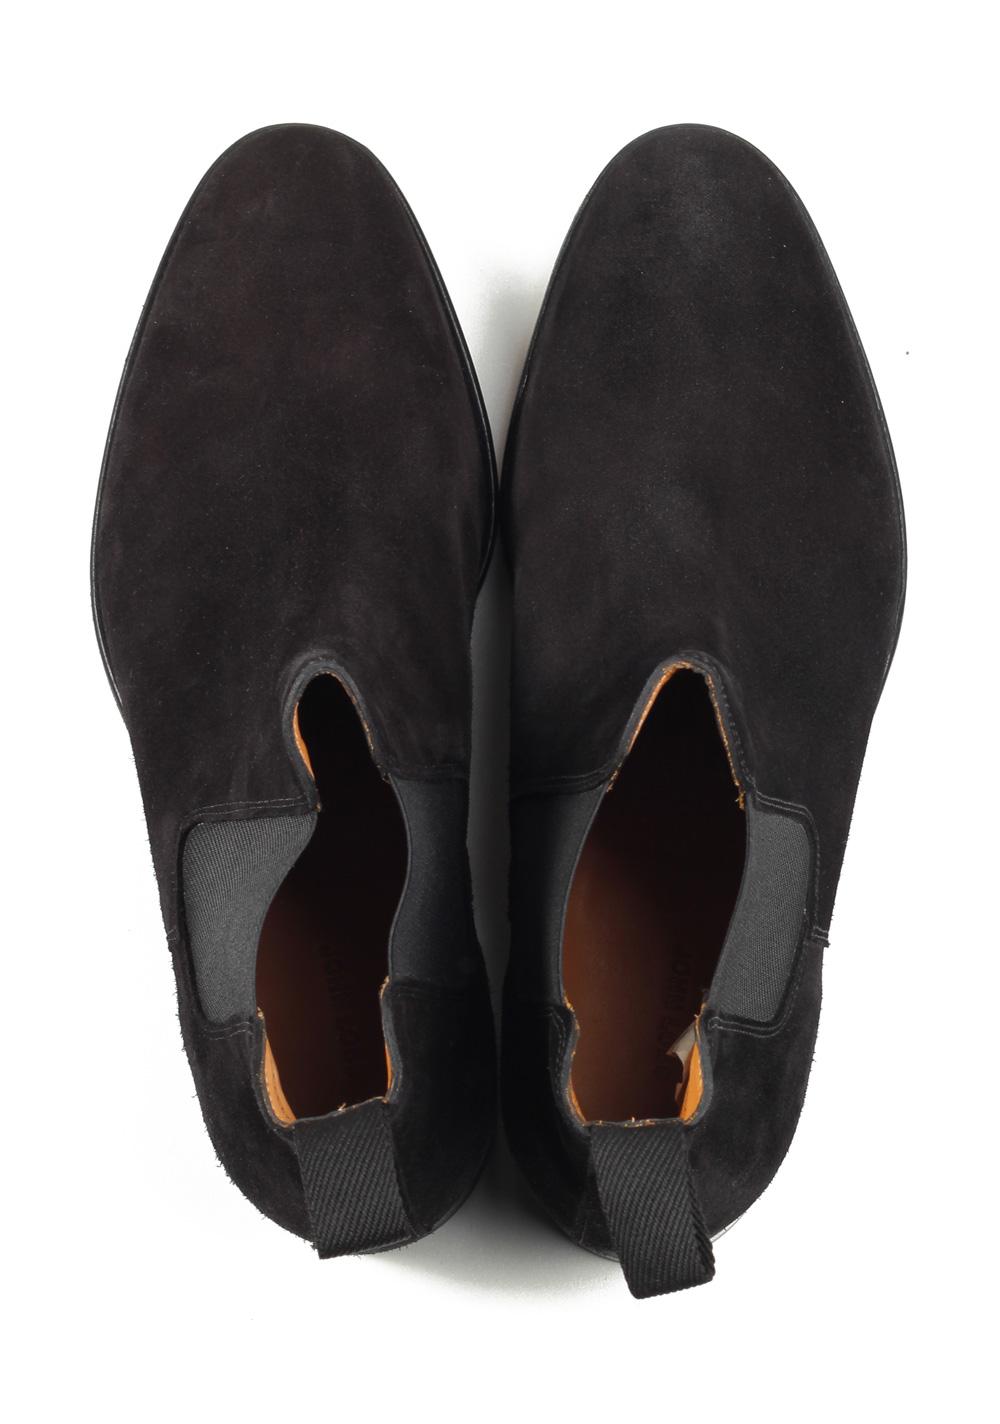 John Lobb Lawry Black Chelsea Boot Shoes Size 8 UK / 9 U.S. On 8695 Last | Costume Limité